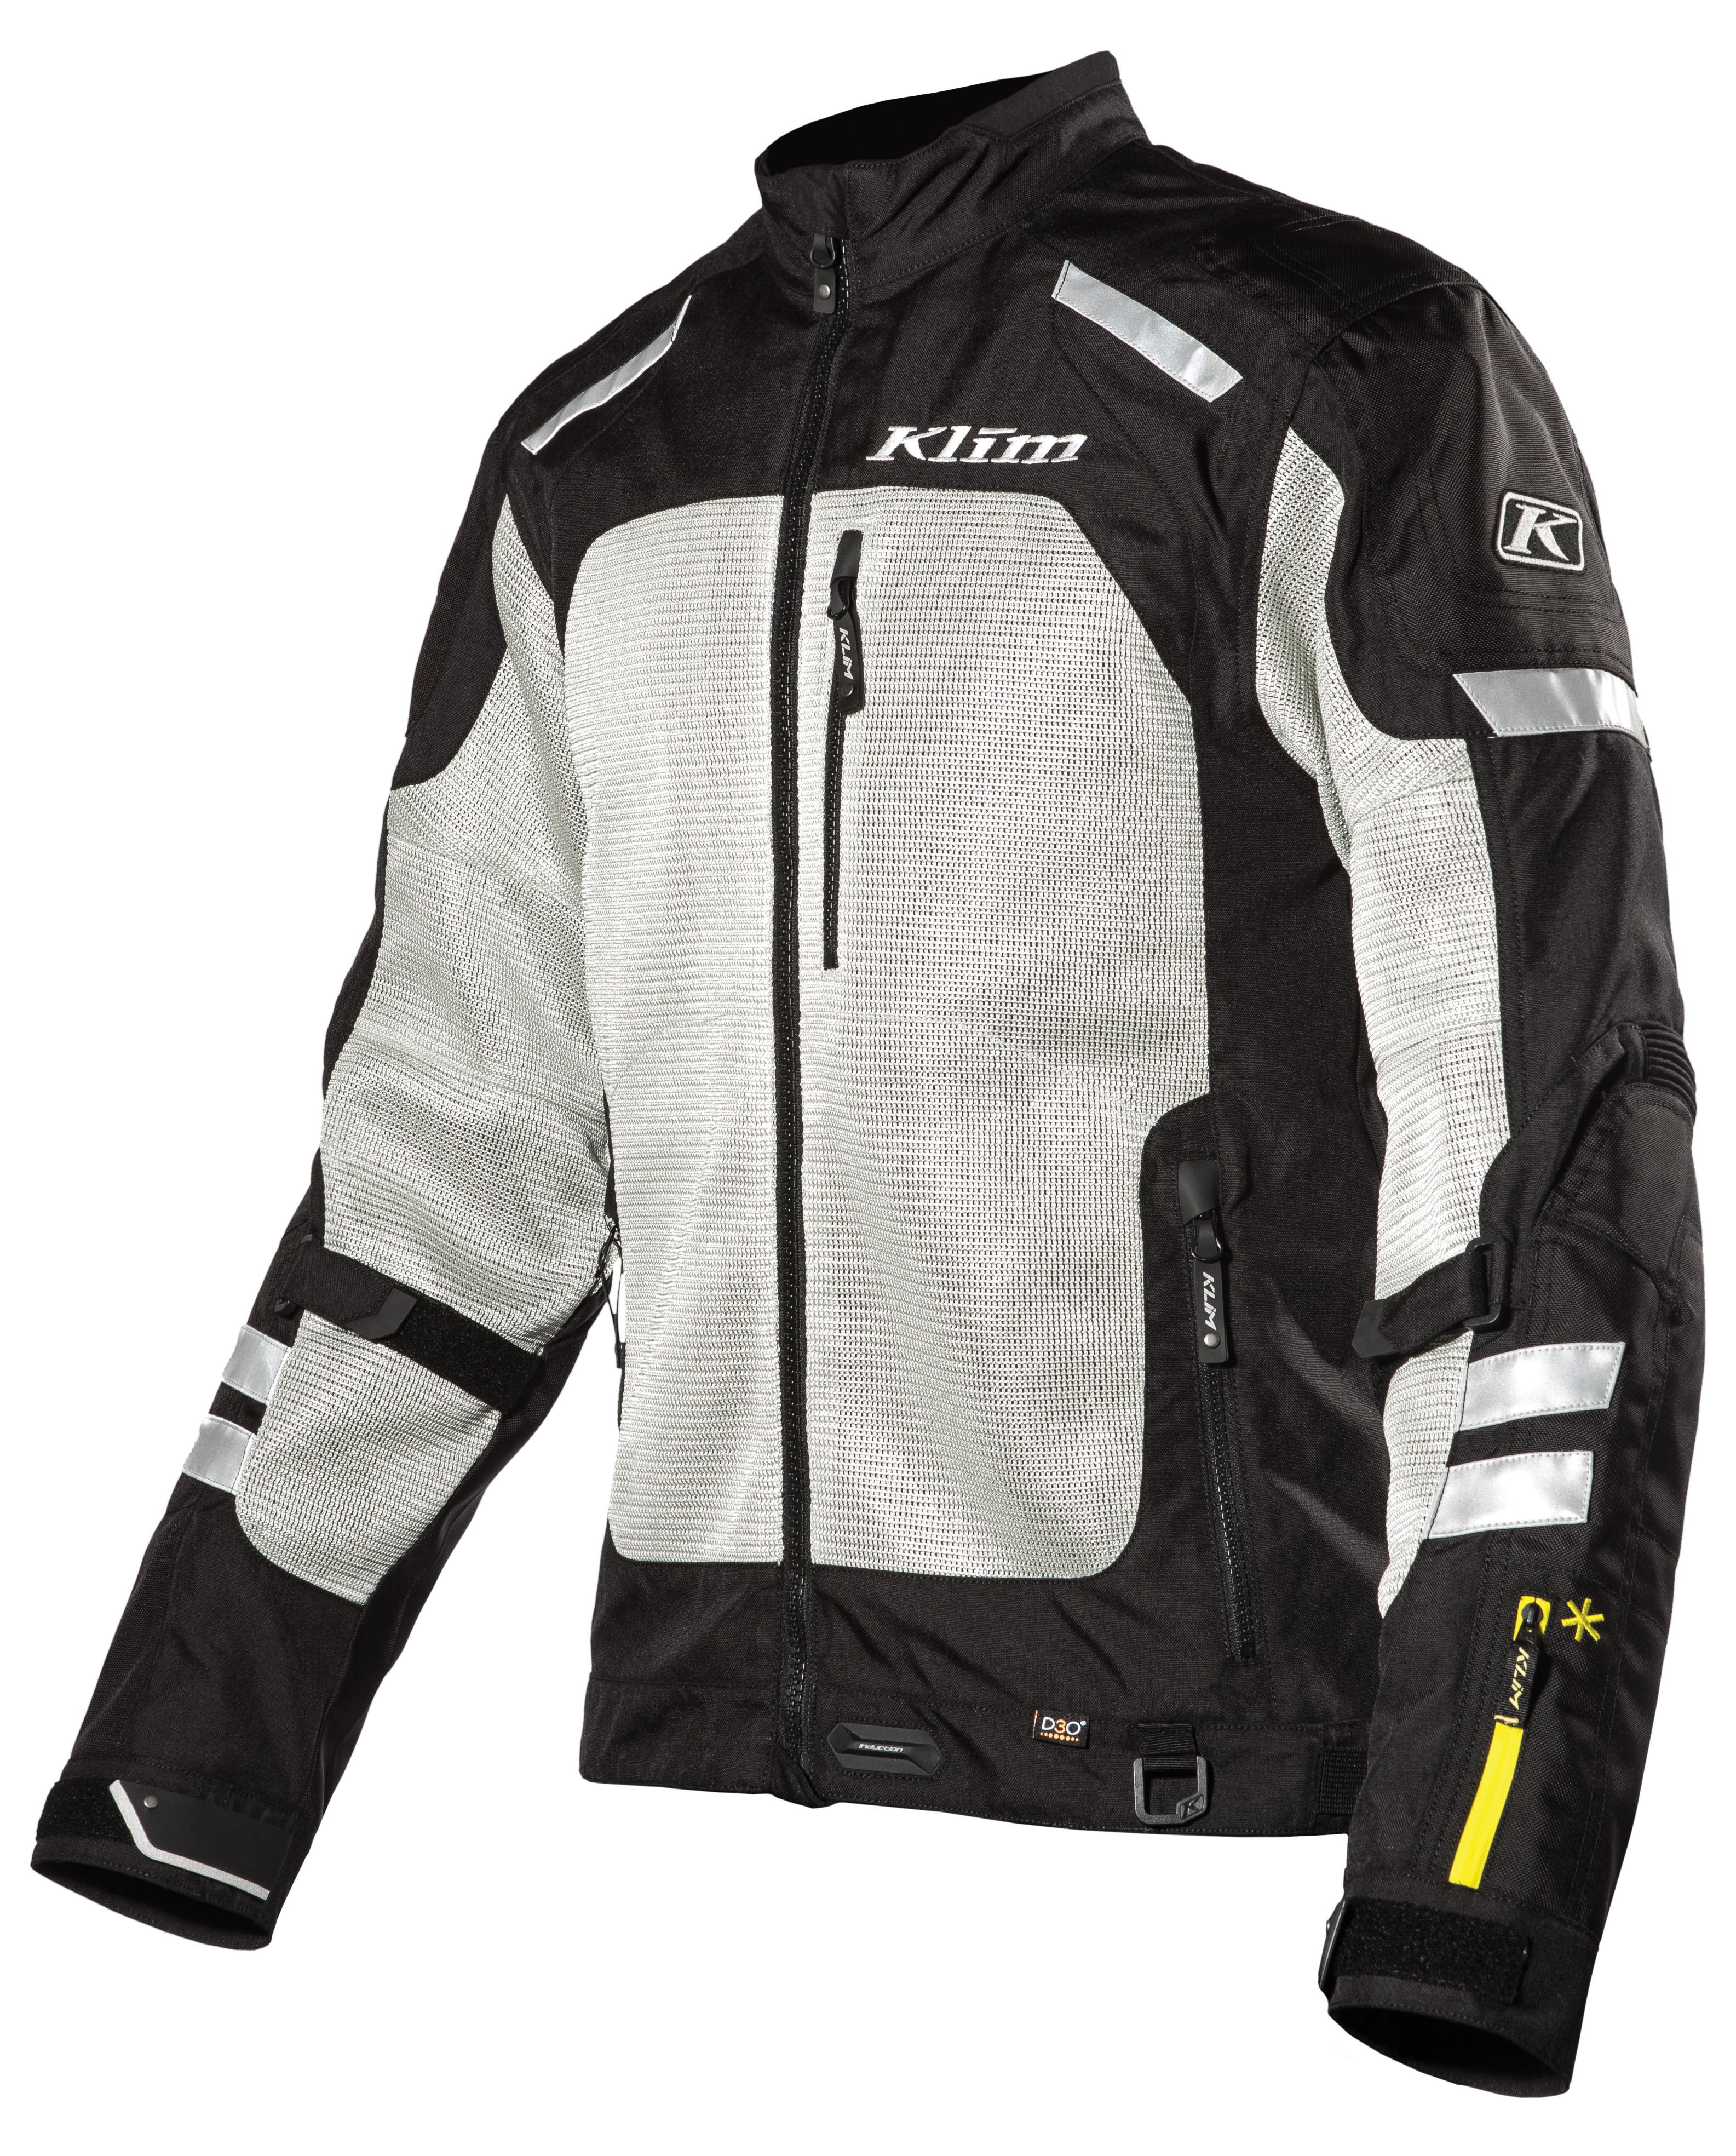 Induction Jacket 5060-000-600